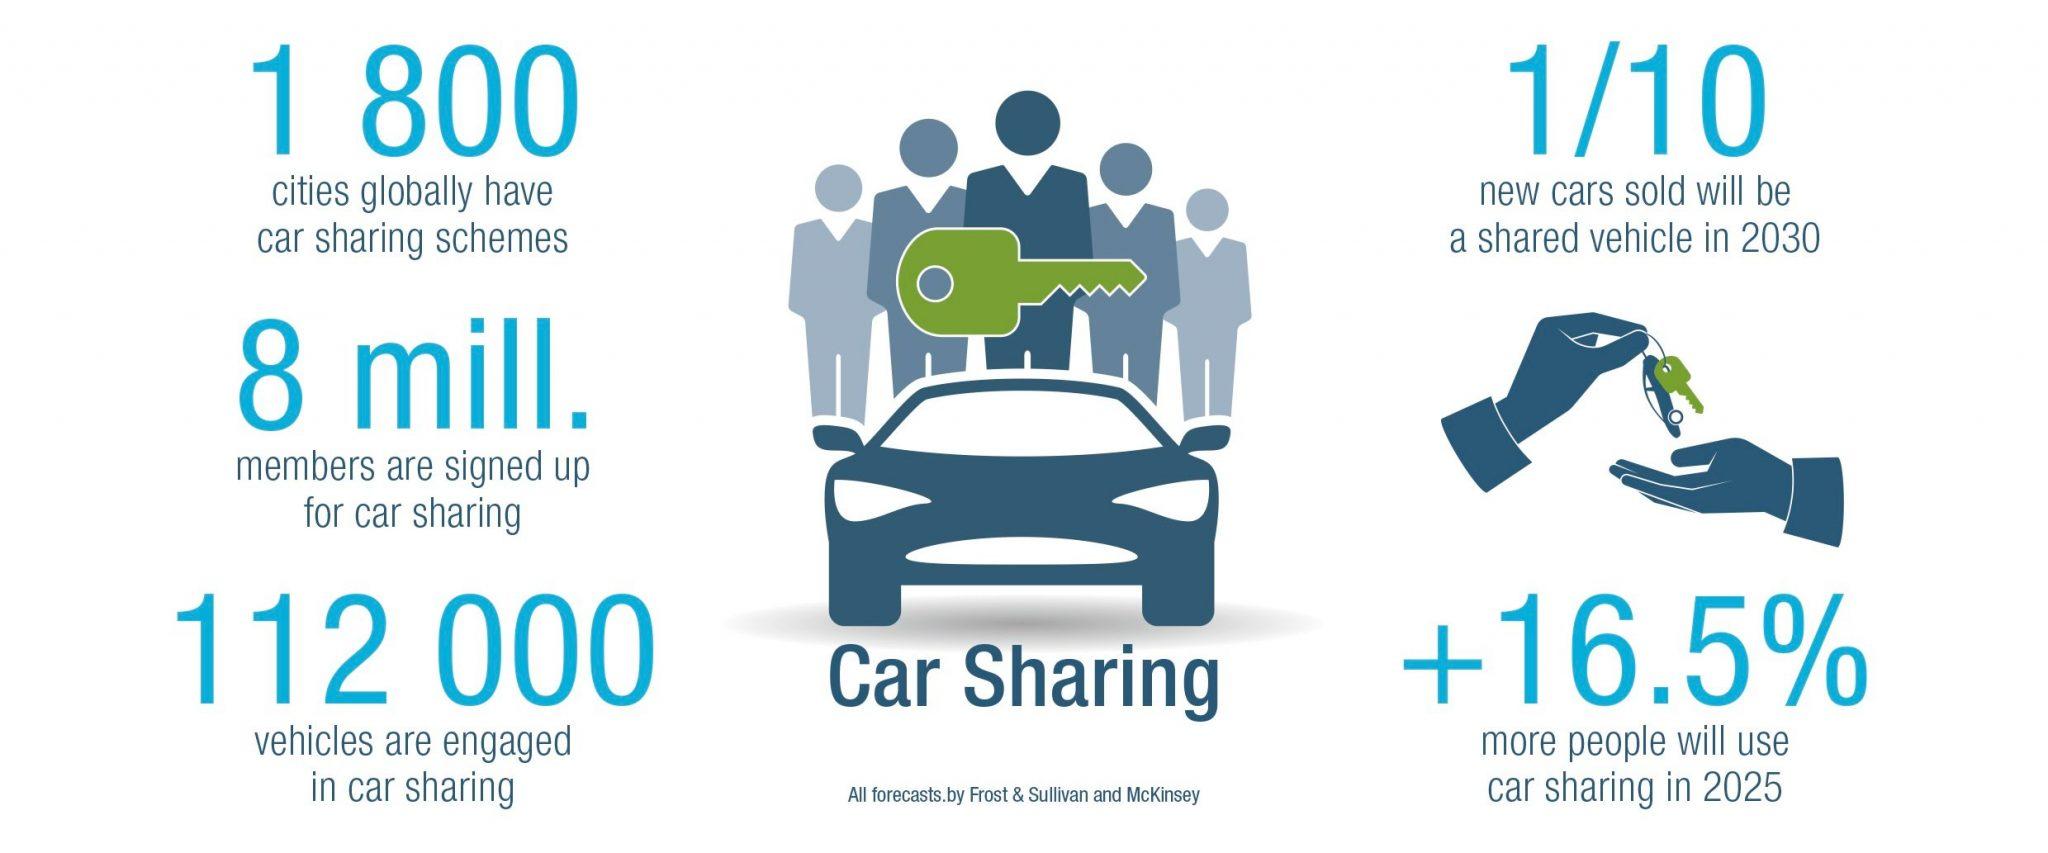 car sharing facts